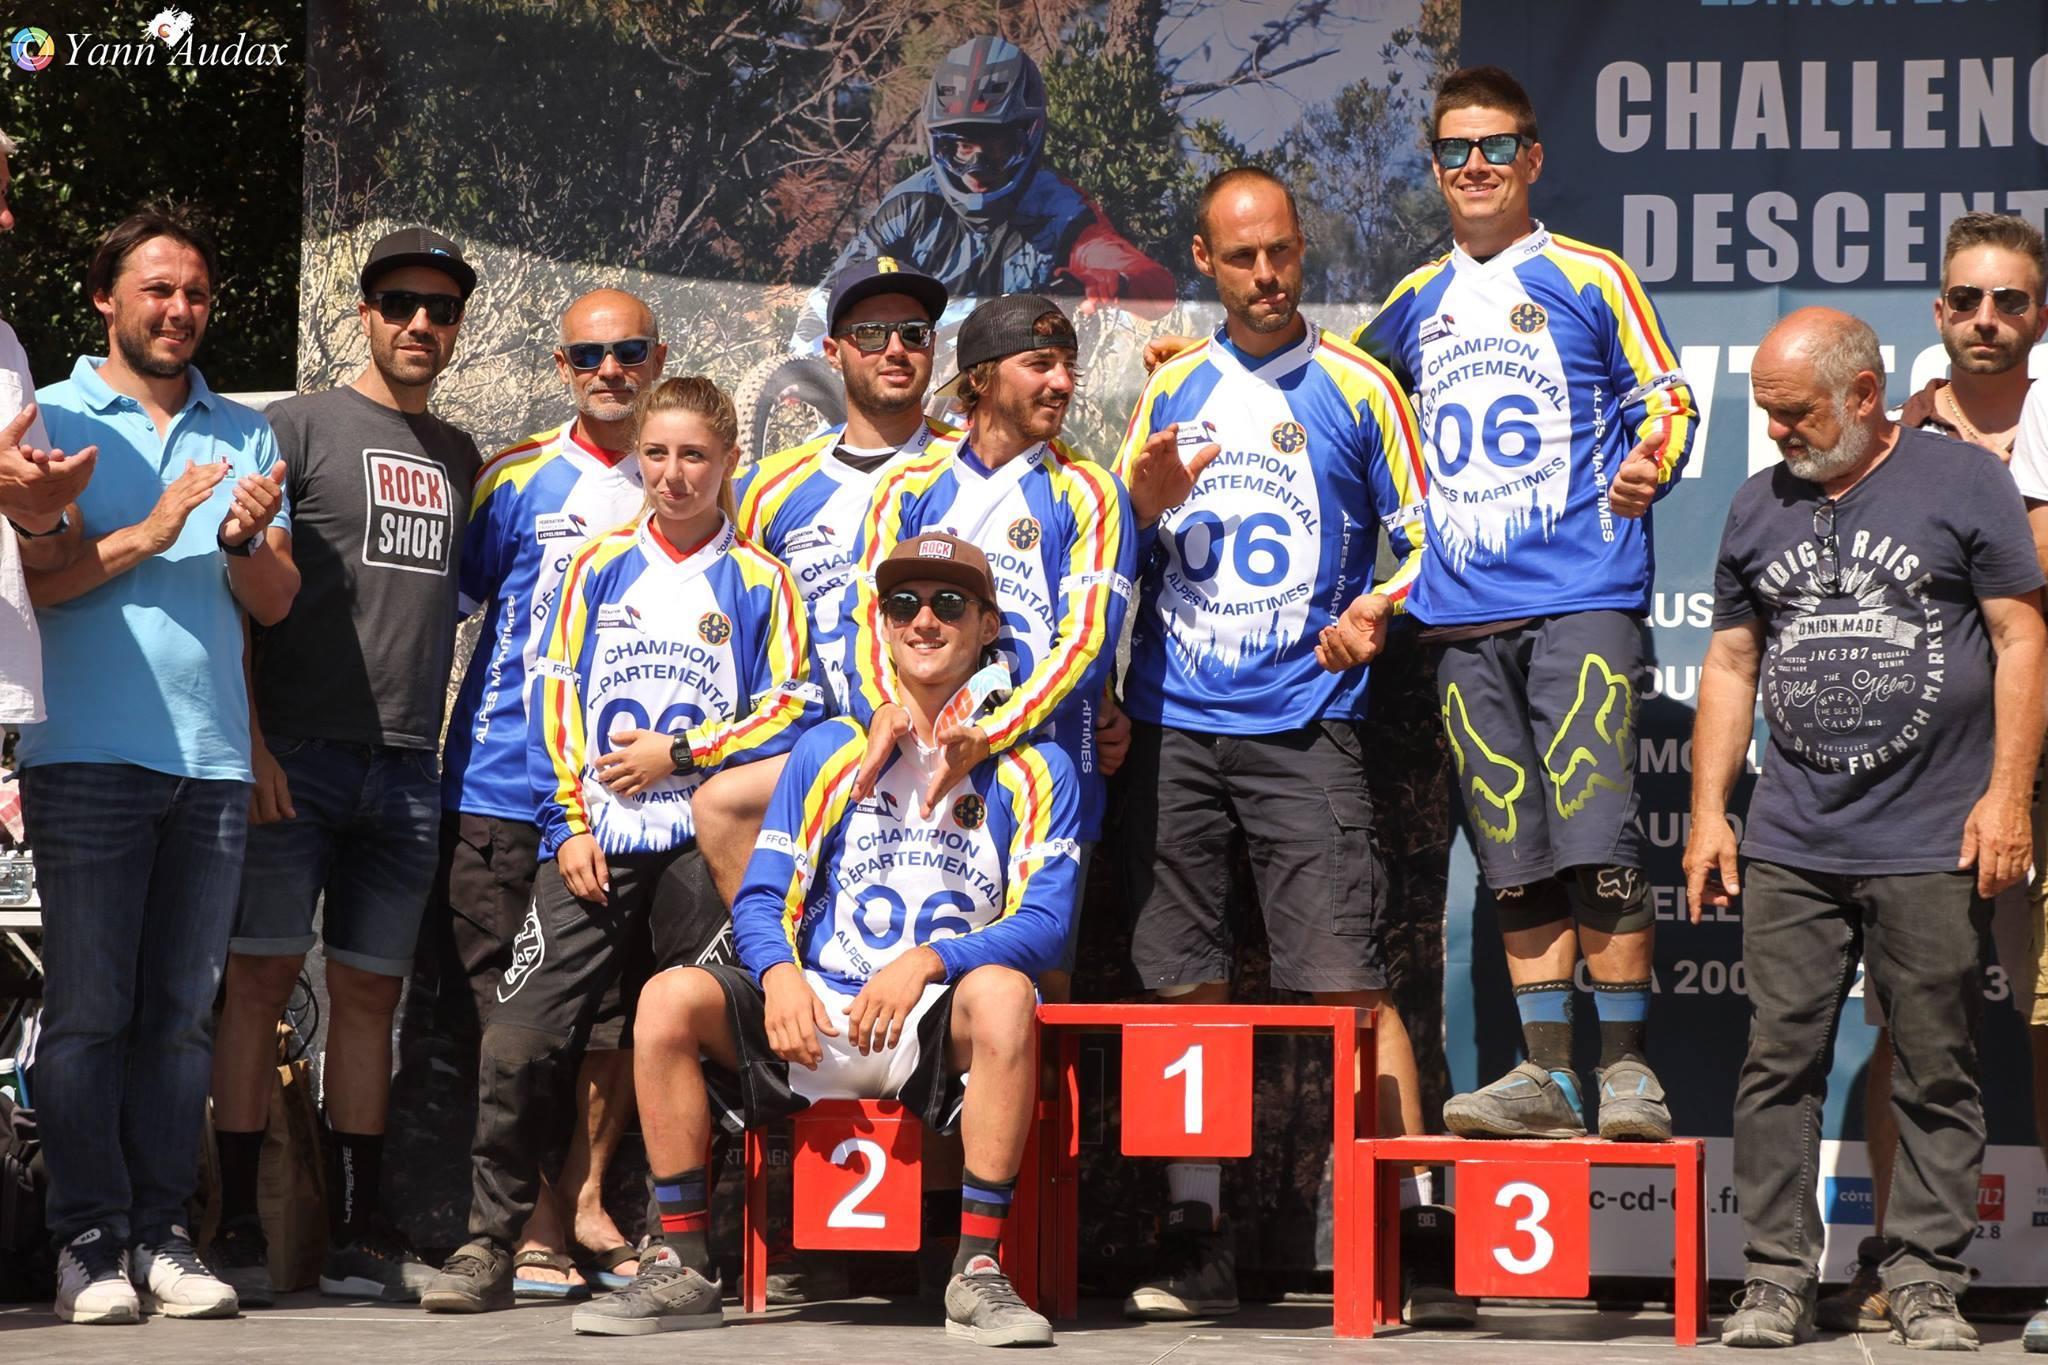 DH peille 2017 yann audax champions